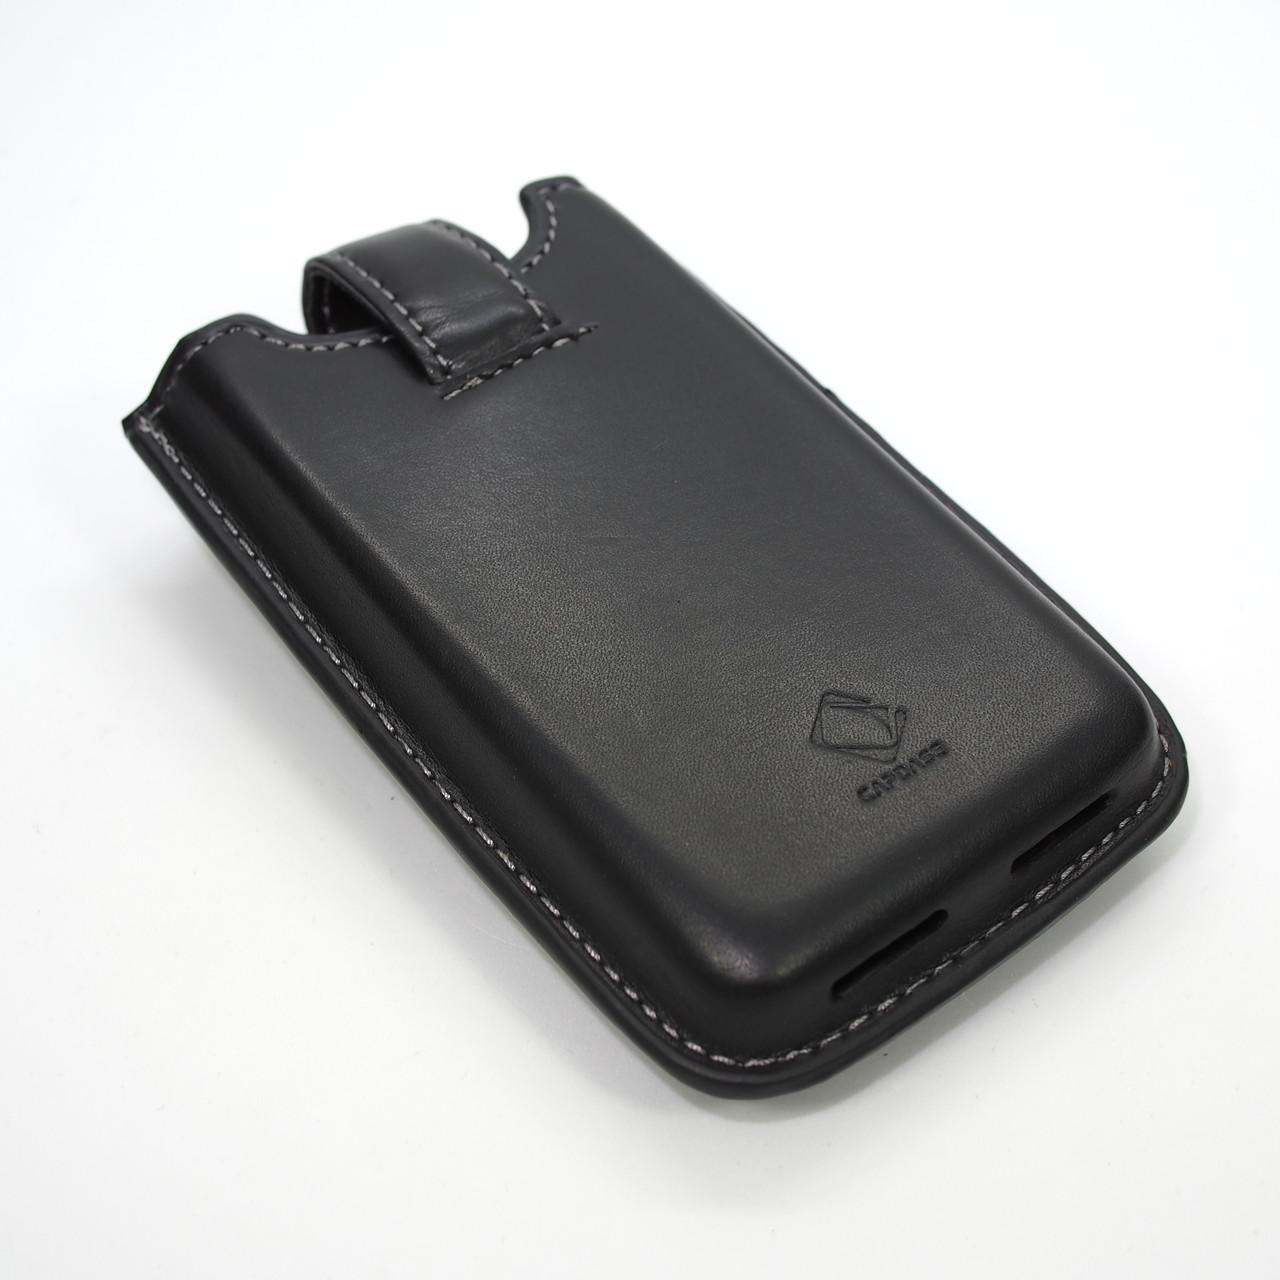 Чехлы для других смартфонов Capdase Pocket универсальный